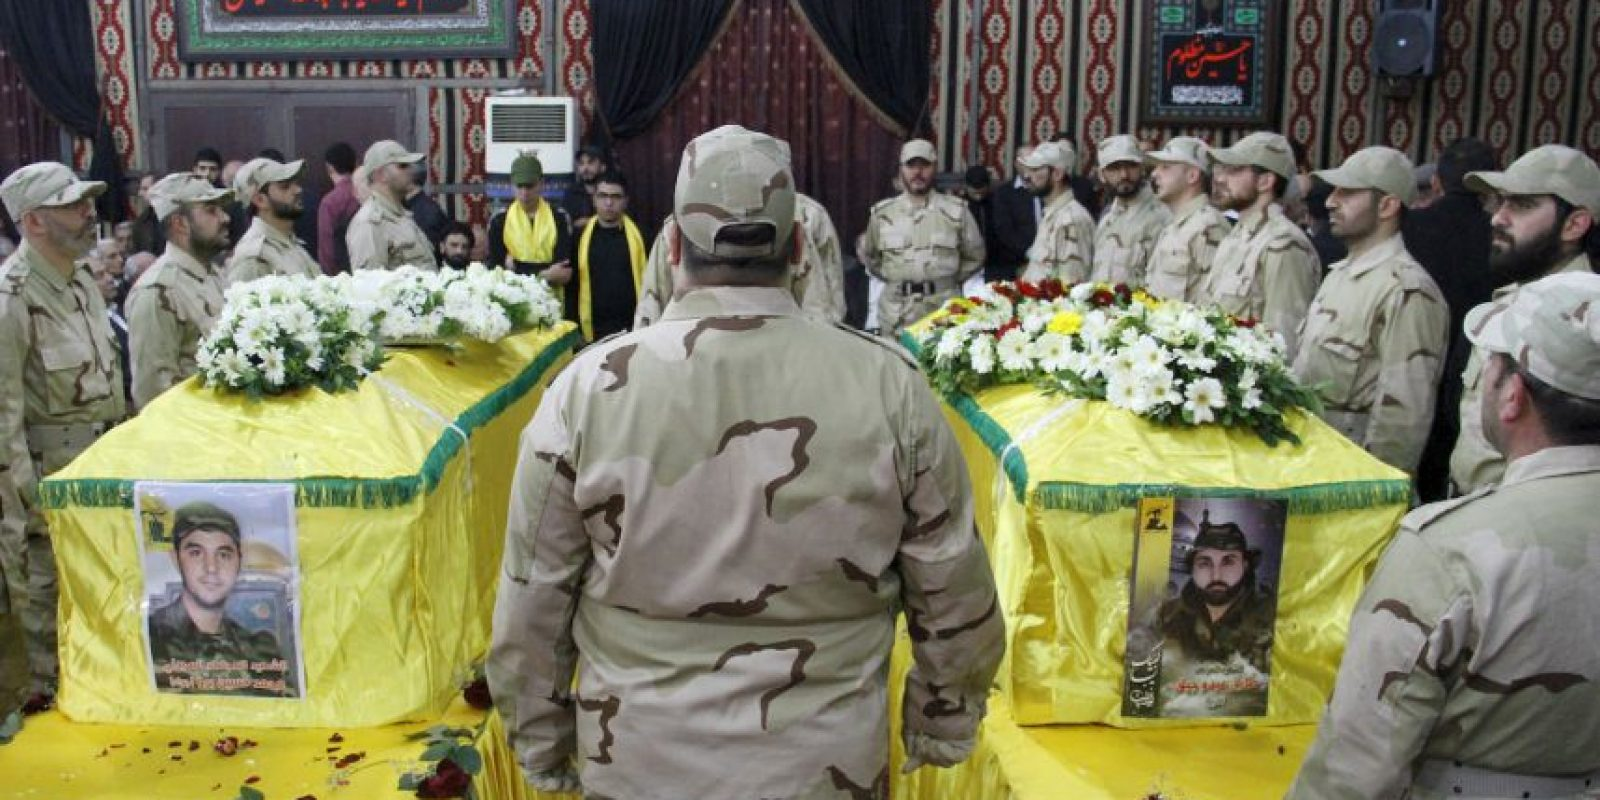 El grupo terrorista genera esa cantidad de dinero mediante la venta del petróleo, que estos se apoderaron de varias refinerías en Irak y Siria. Foto:AFP